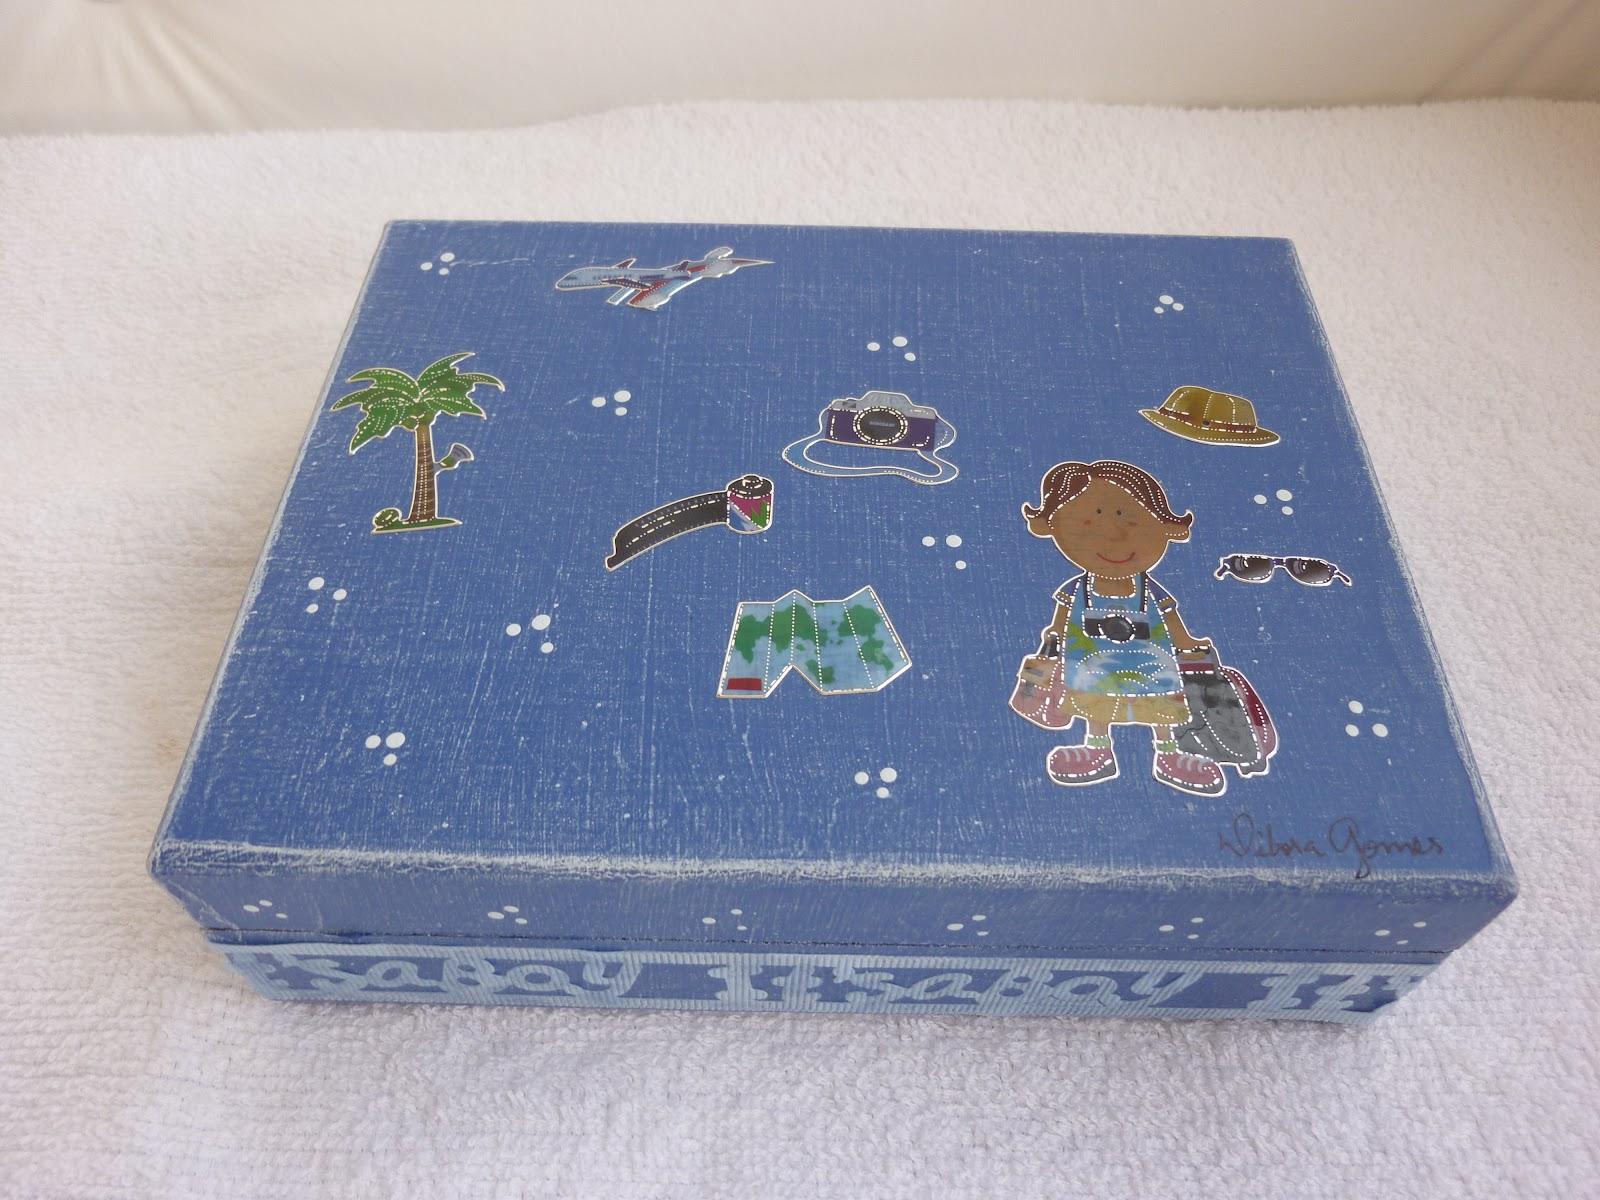 Lembranças com Estilo: Caixa MDF com adesivos para meninos #485C83 1600x1200